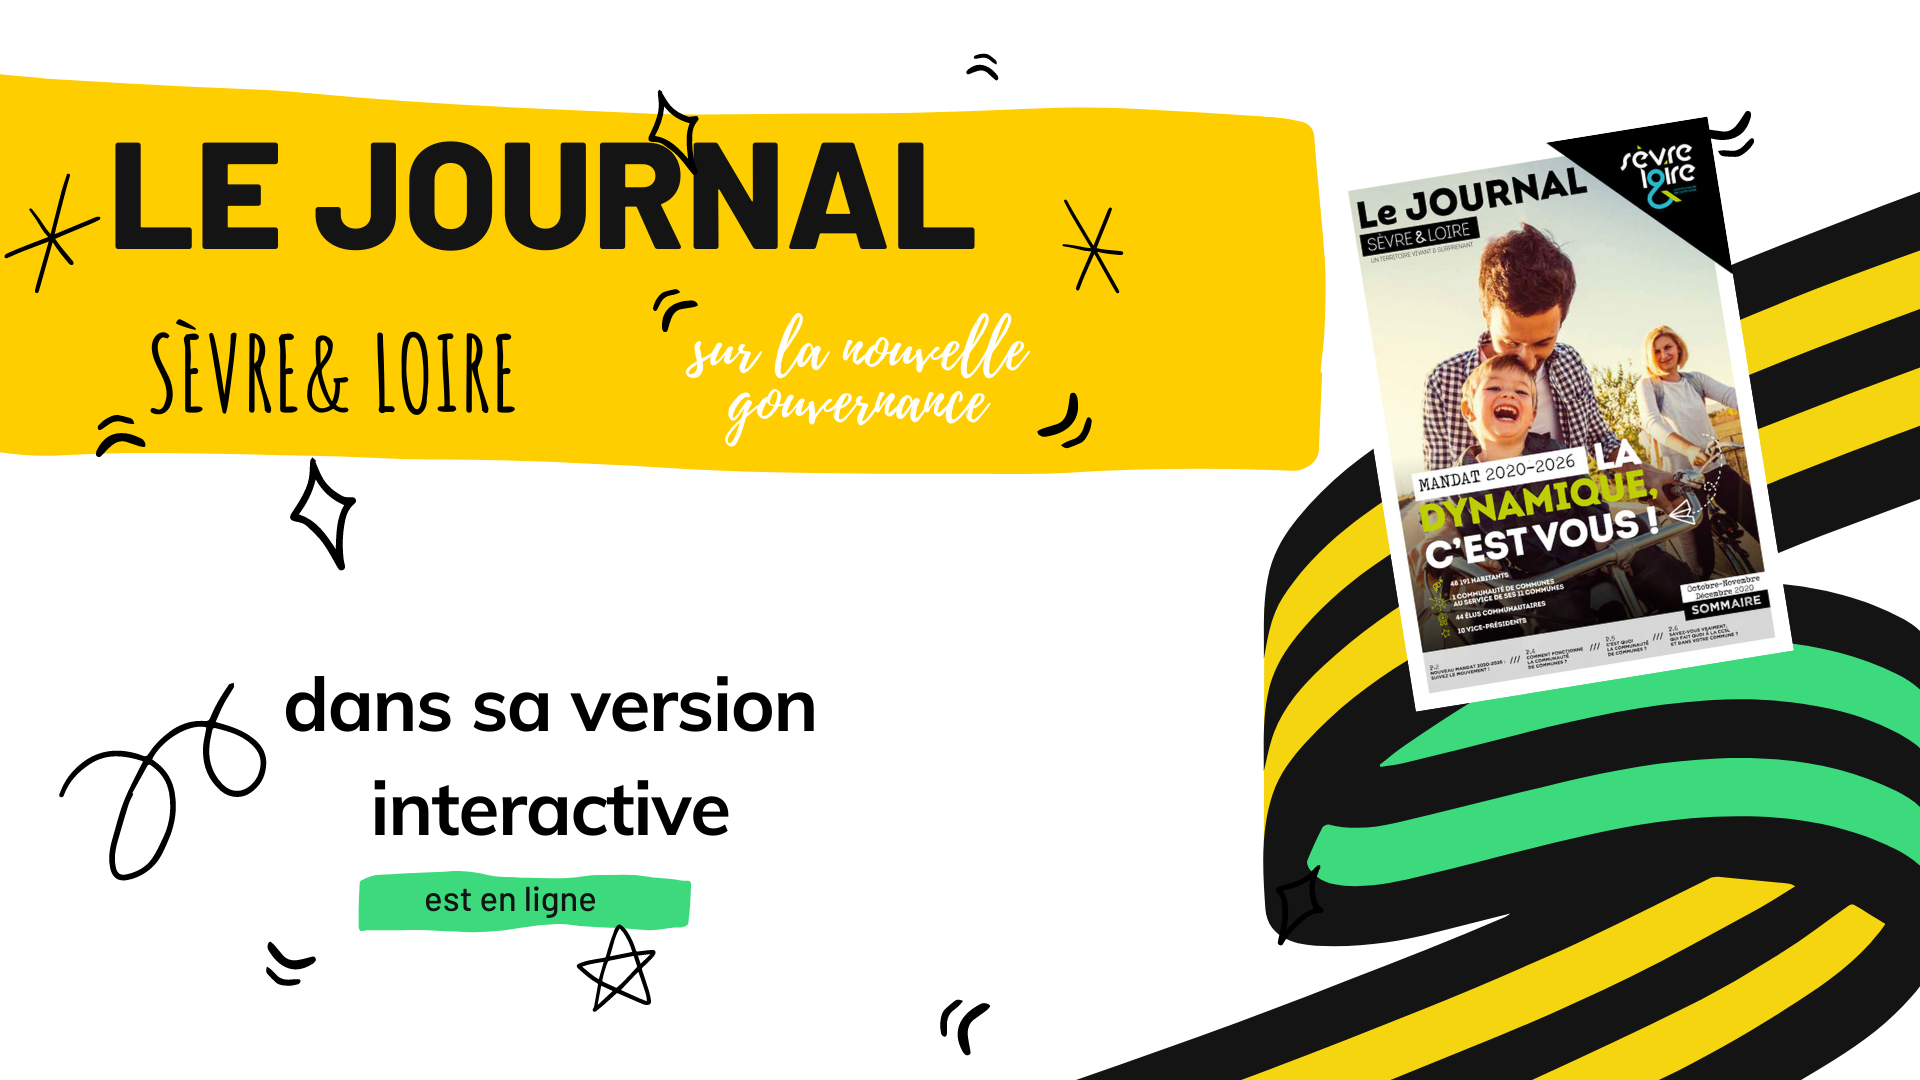 Journal Sèvre & Loire – il est en ligne